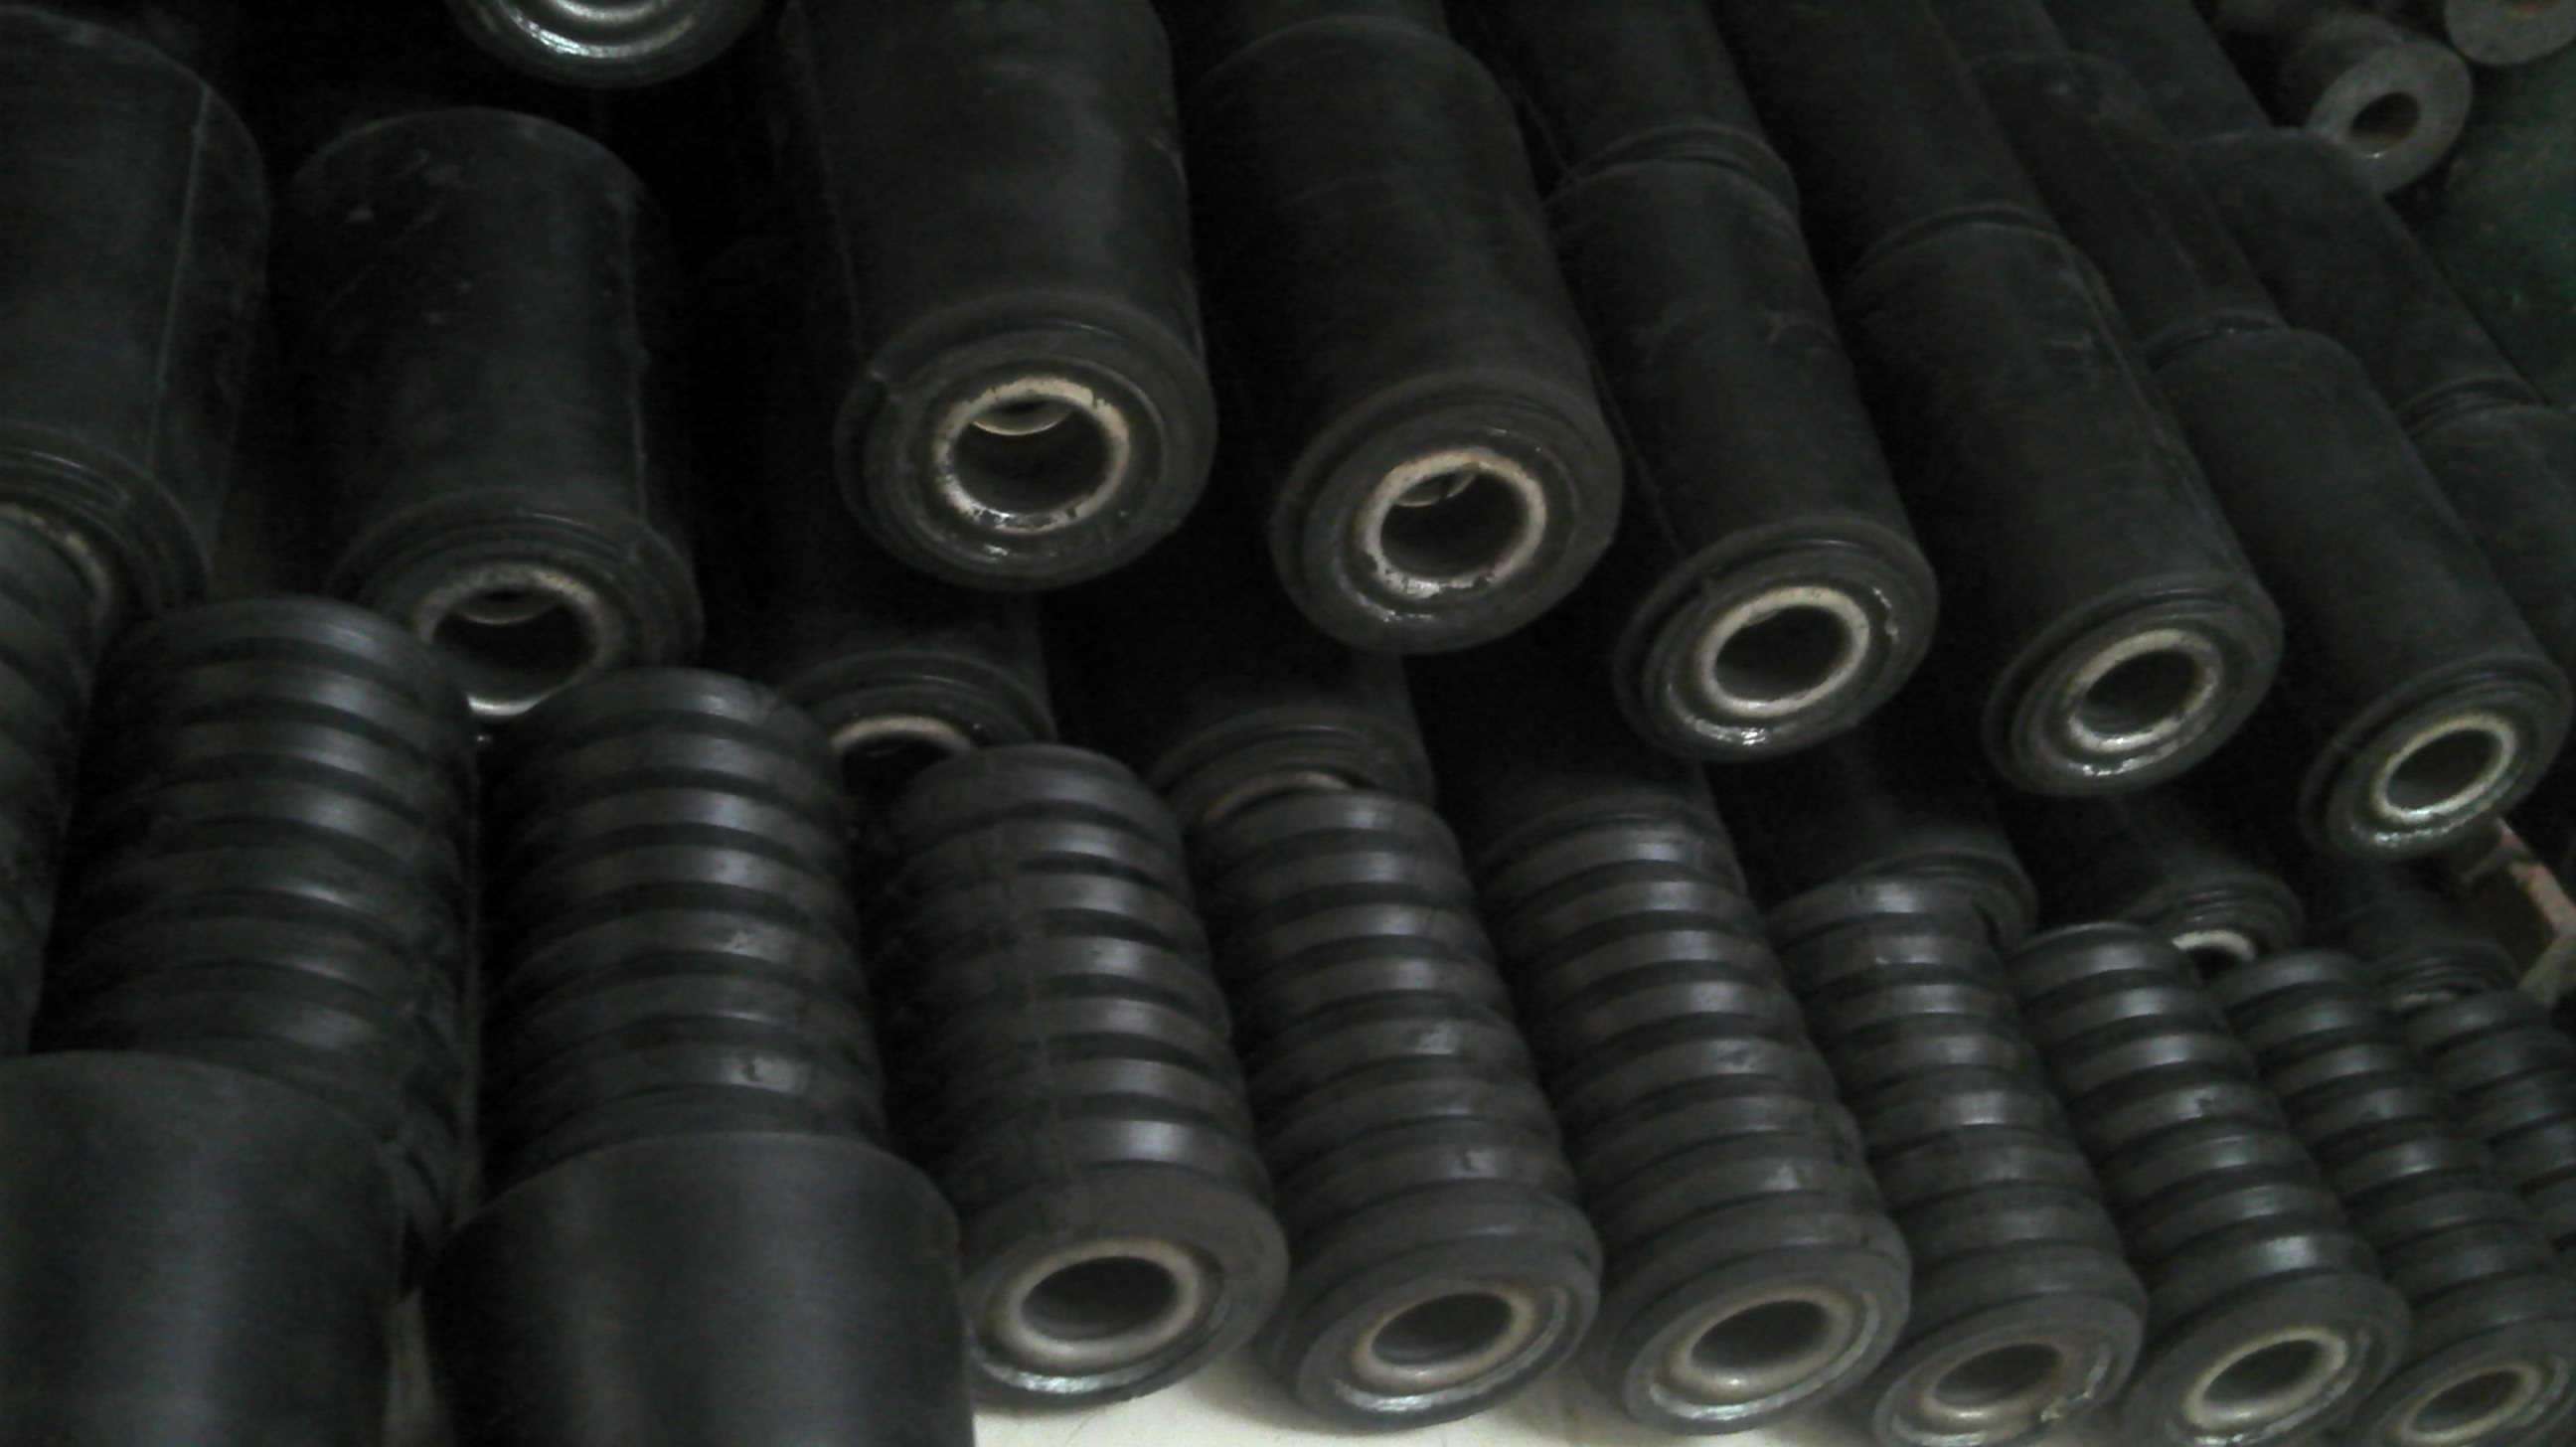 橡胶库存水平走高 现货市场报价持续下滑